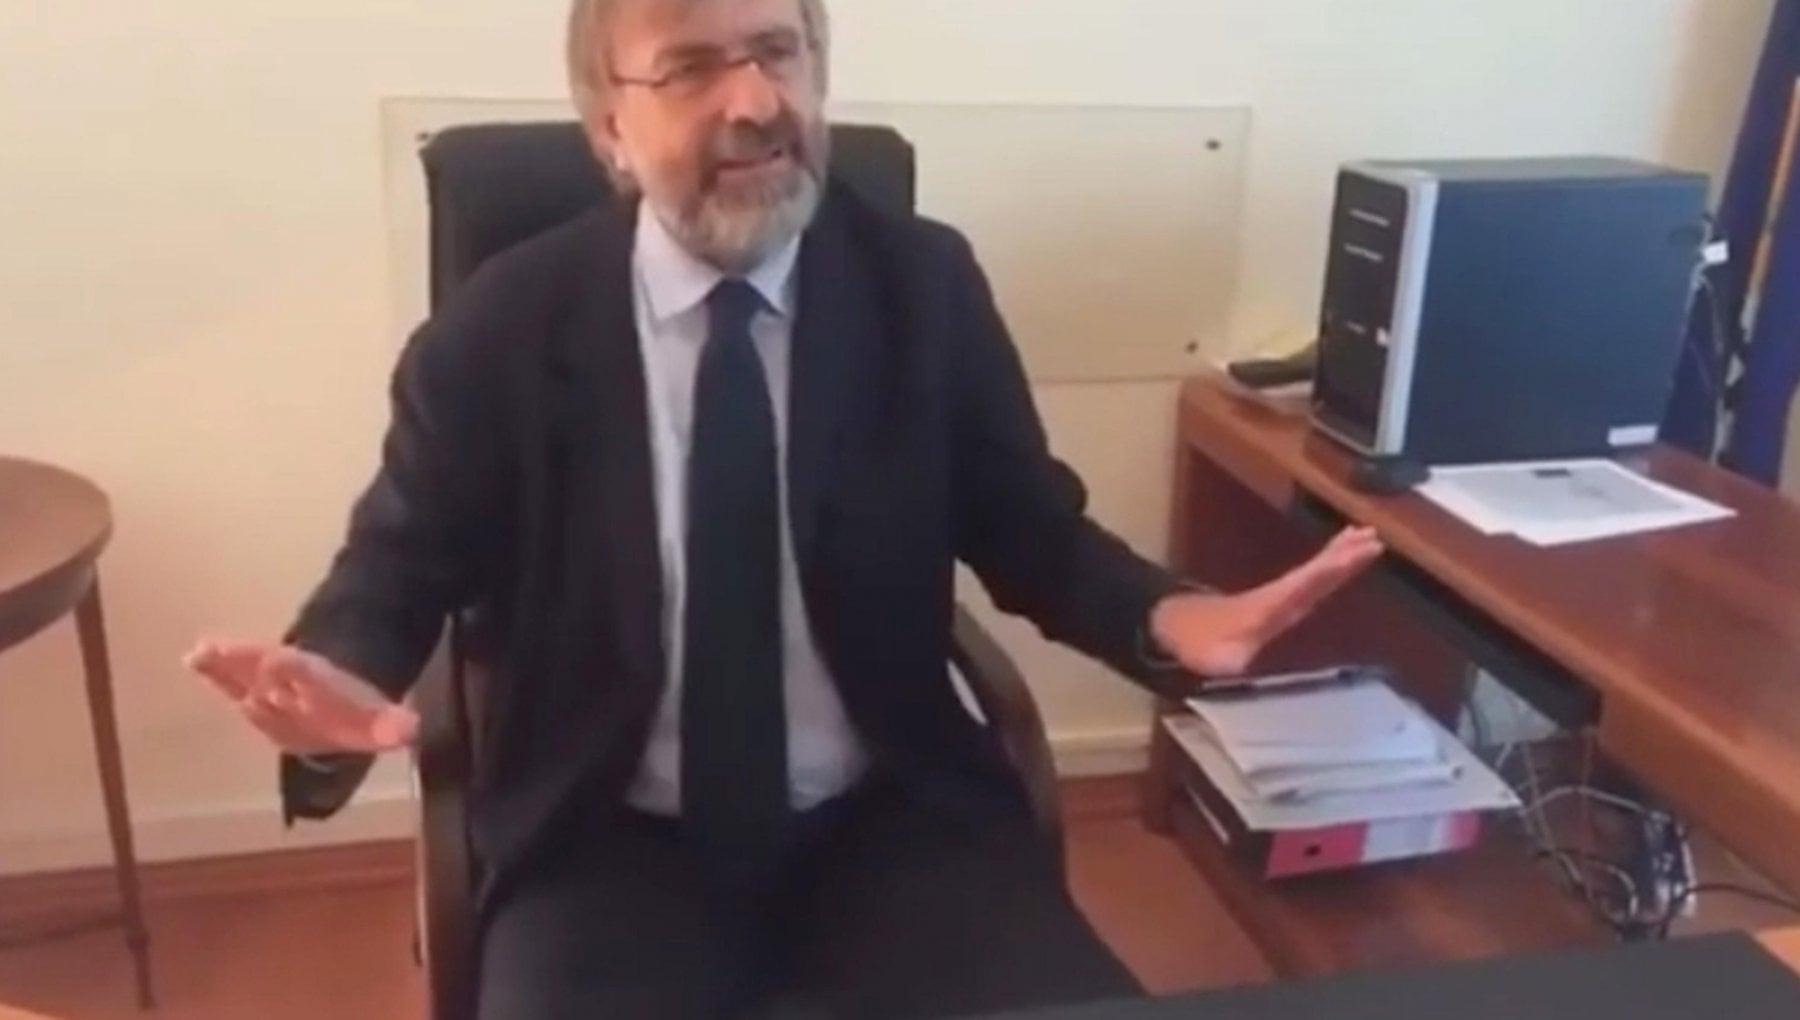 Calabria Zuccatelli da le dimissioni su richiesta di Speranza. Palazzo Chigi lavora a nuovo commissario